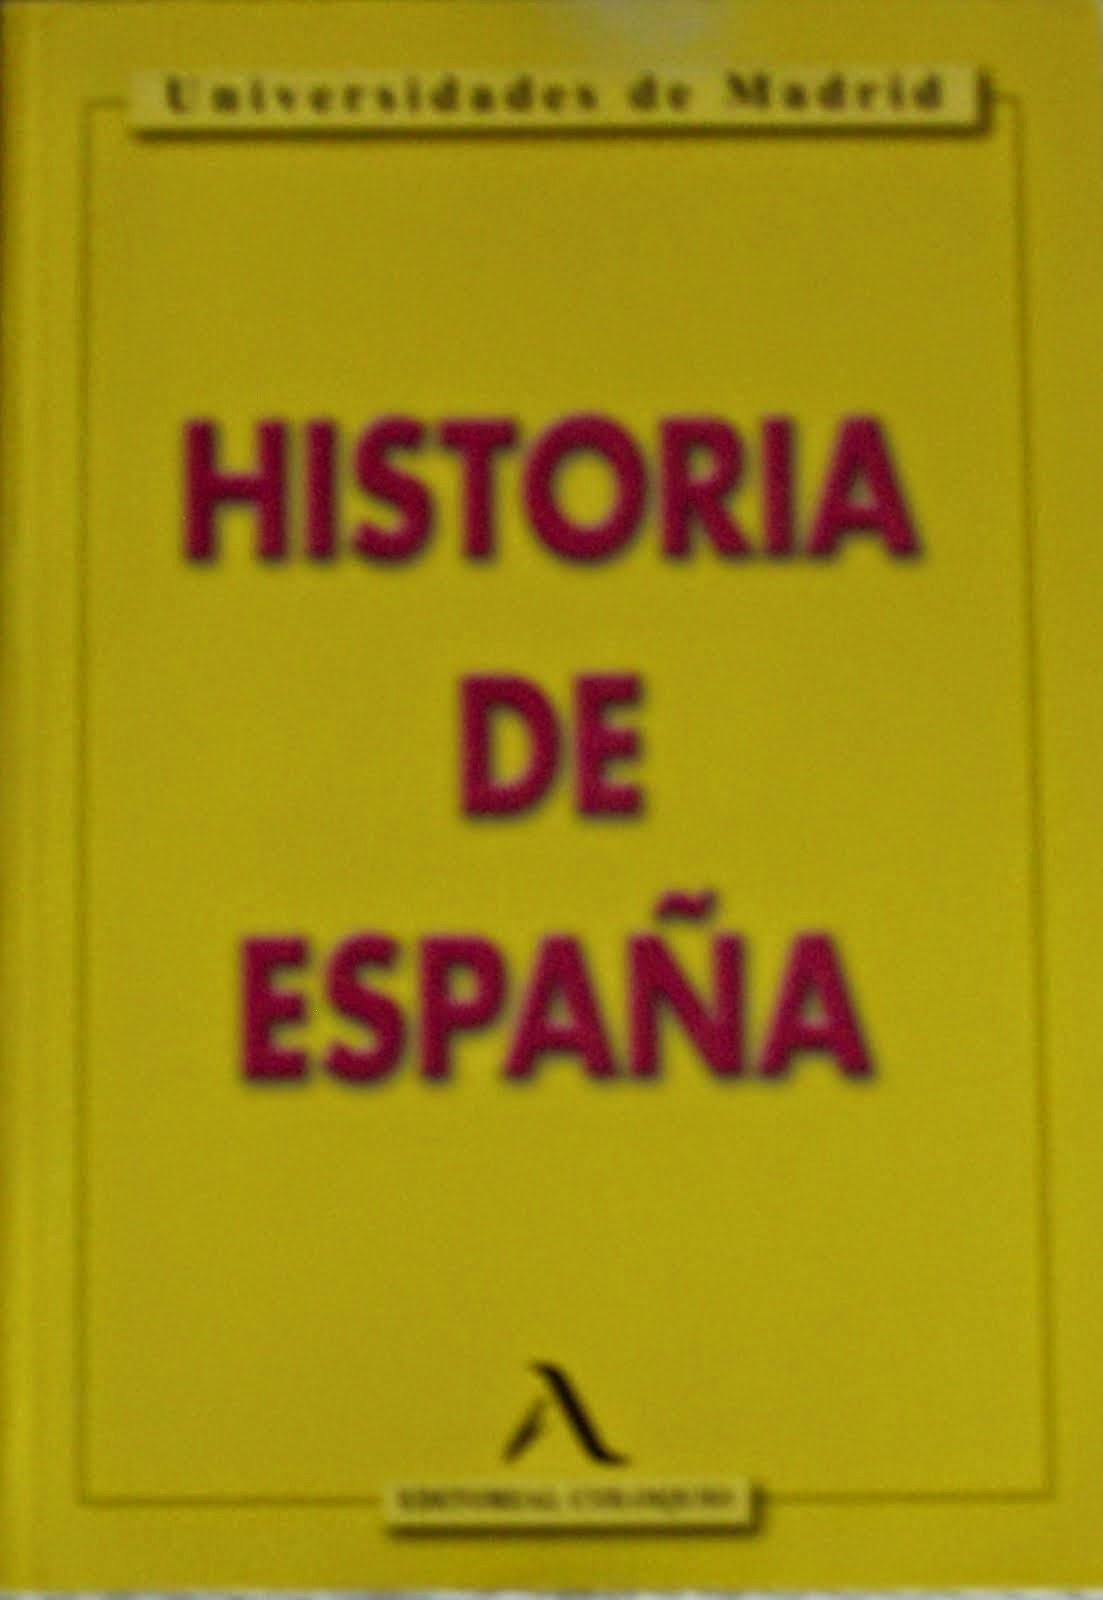 Obra del bloguero. Coautor. Libro de texto. Historia de España, 2011